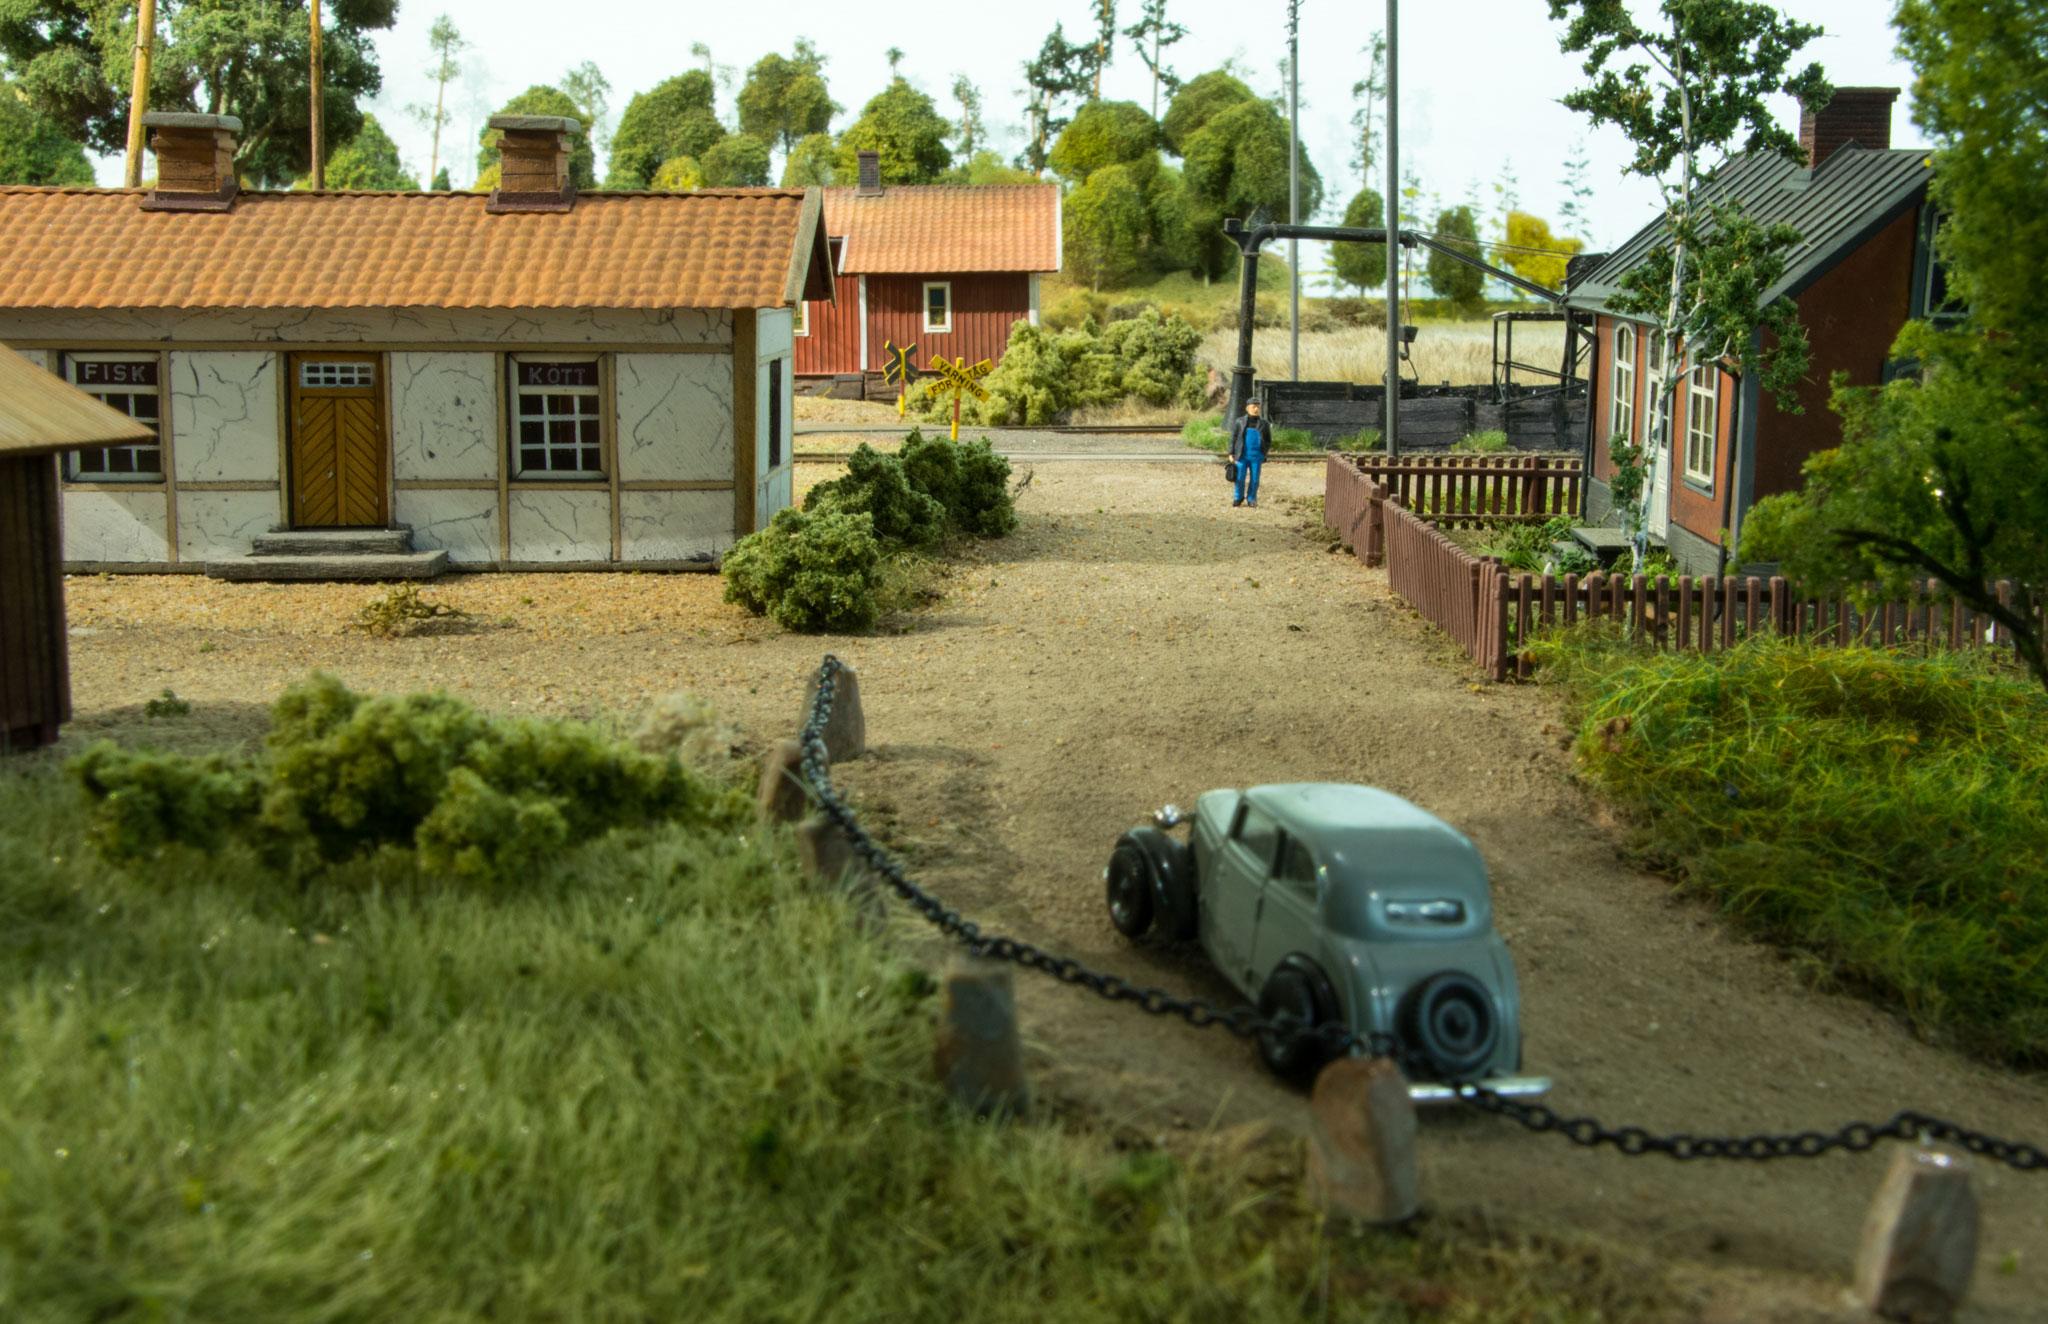 Jernbaneoverskæring i udkanten af Kvarstad